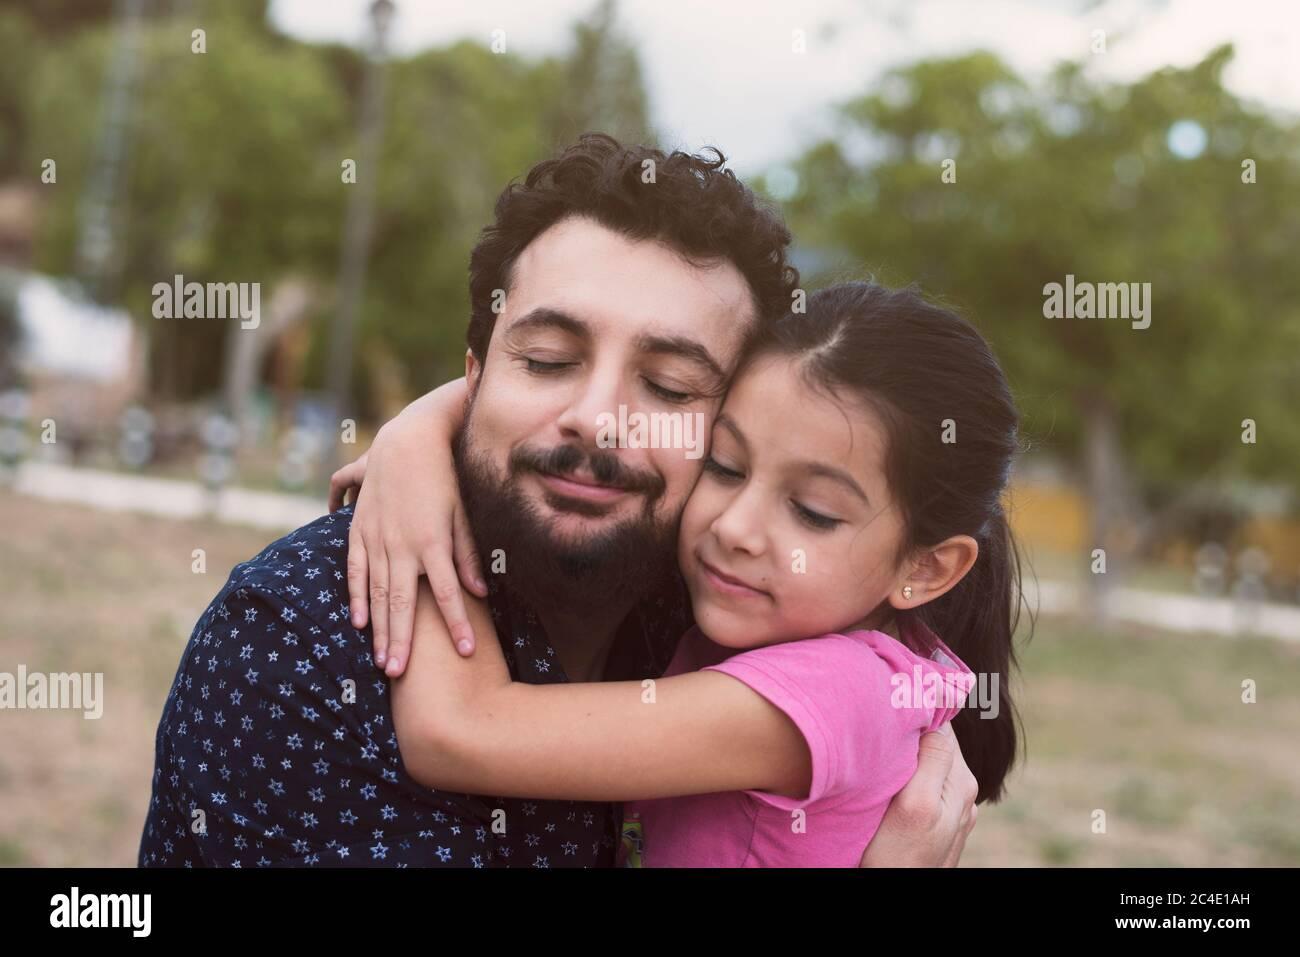 Père et petite fille grande accolade dans l'image à l'extérieur dans le parc Banque D'Images